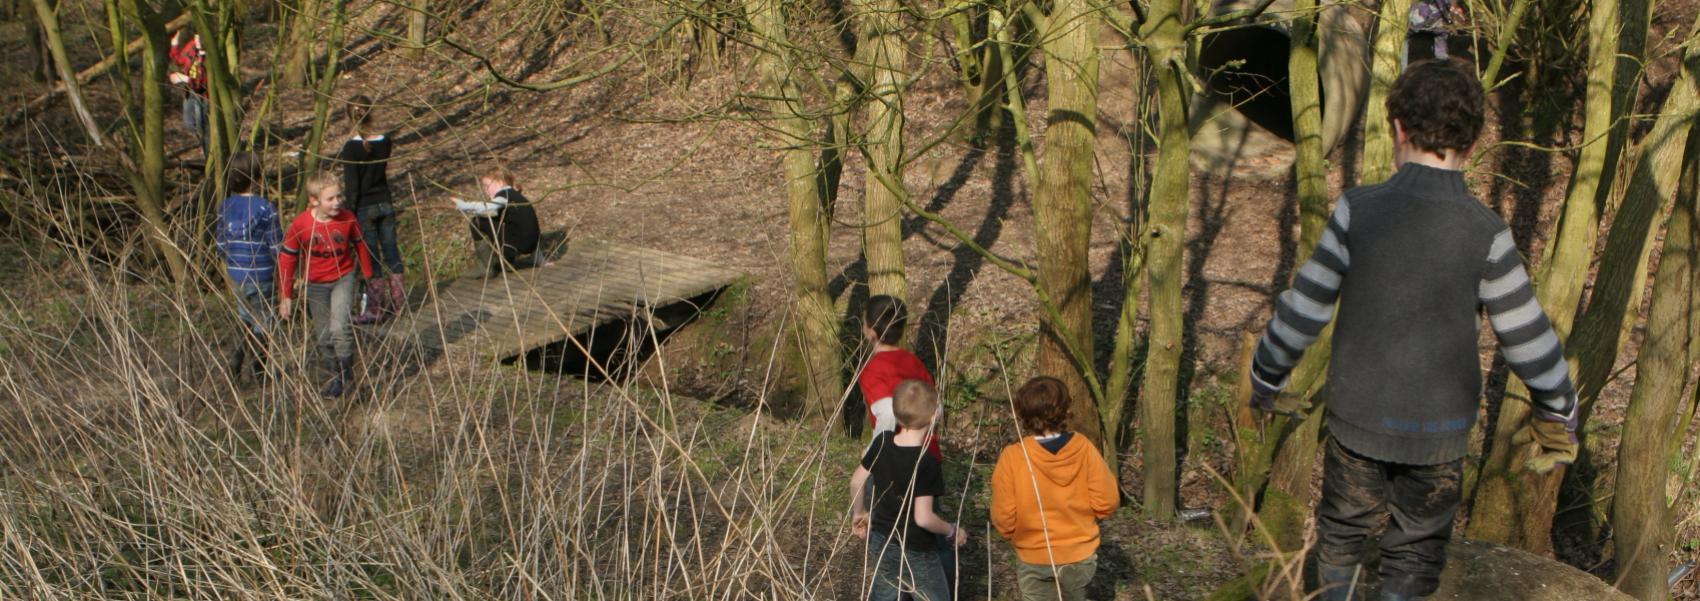 spelende kinderen in het bos